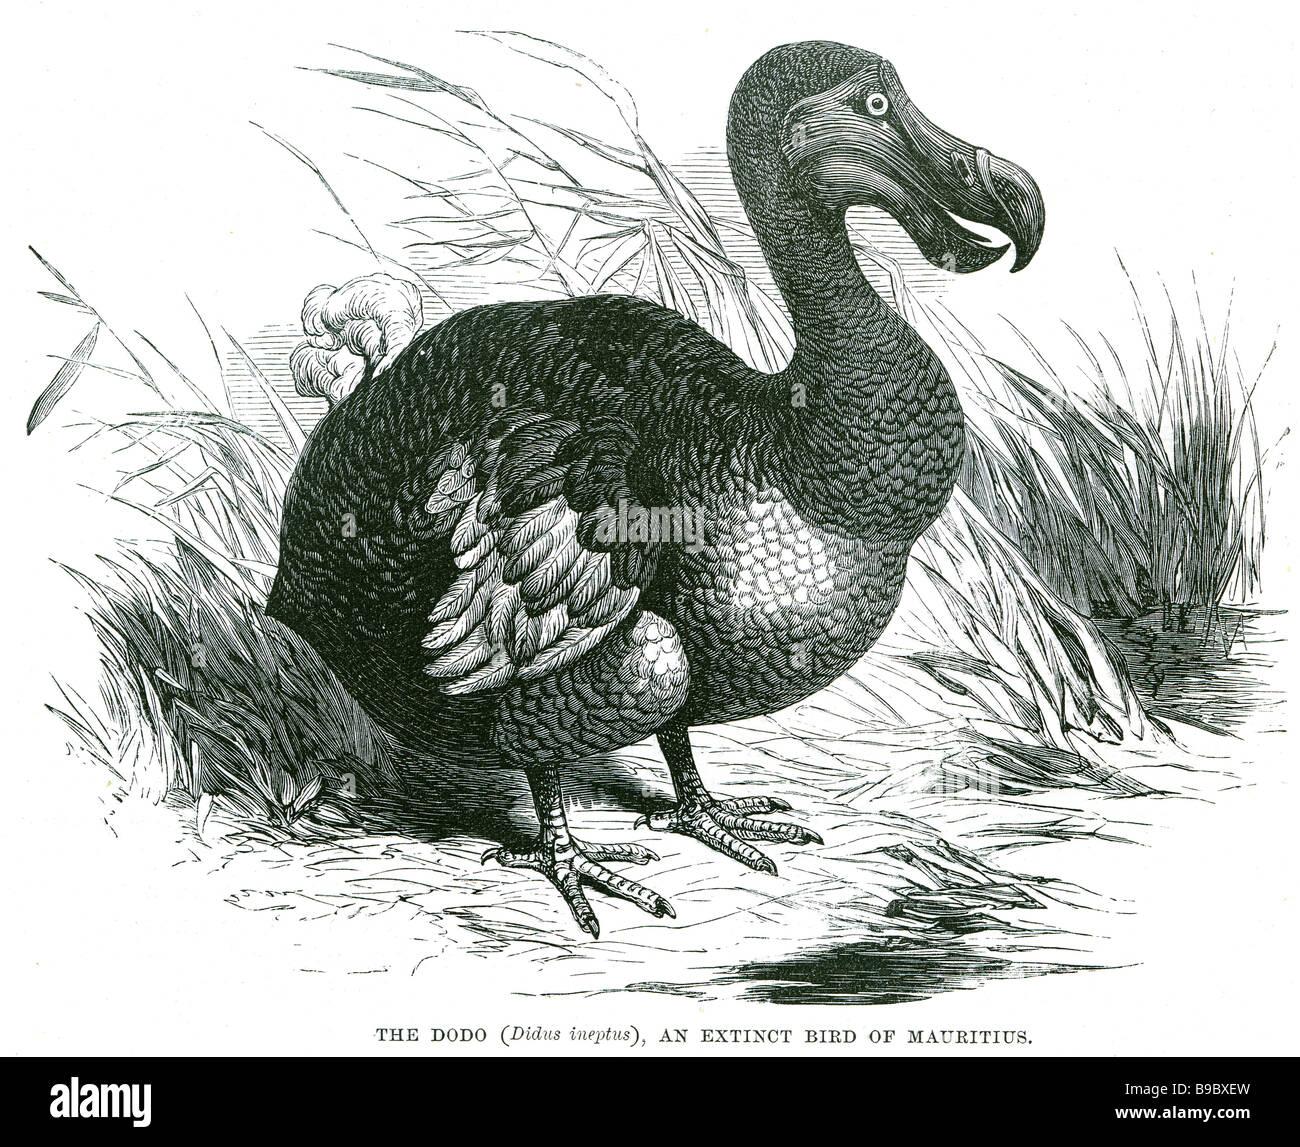 Didus ineptus le dodo une espèce d'oiseau de l'île Maurice Le dodo (Raphus cucullatus) est un oiseau endémique de l'Oce indien Banque D'Images